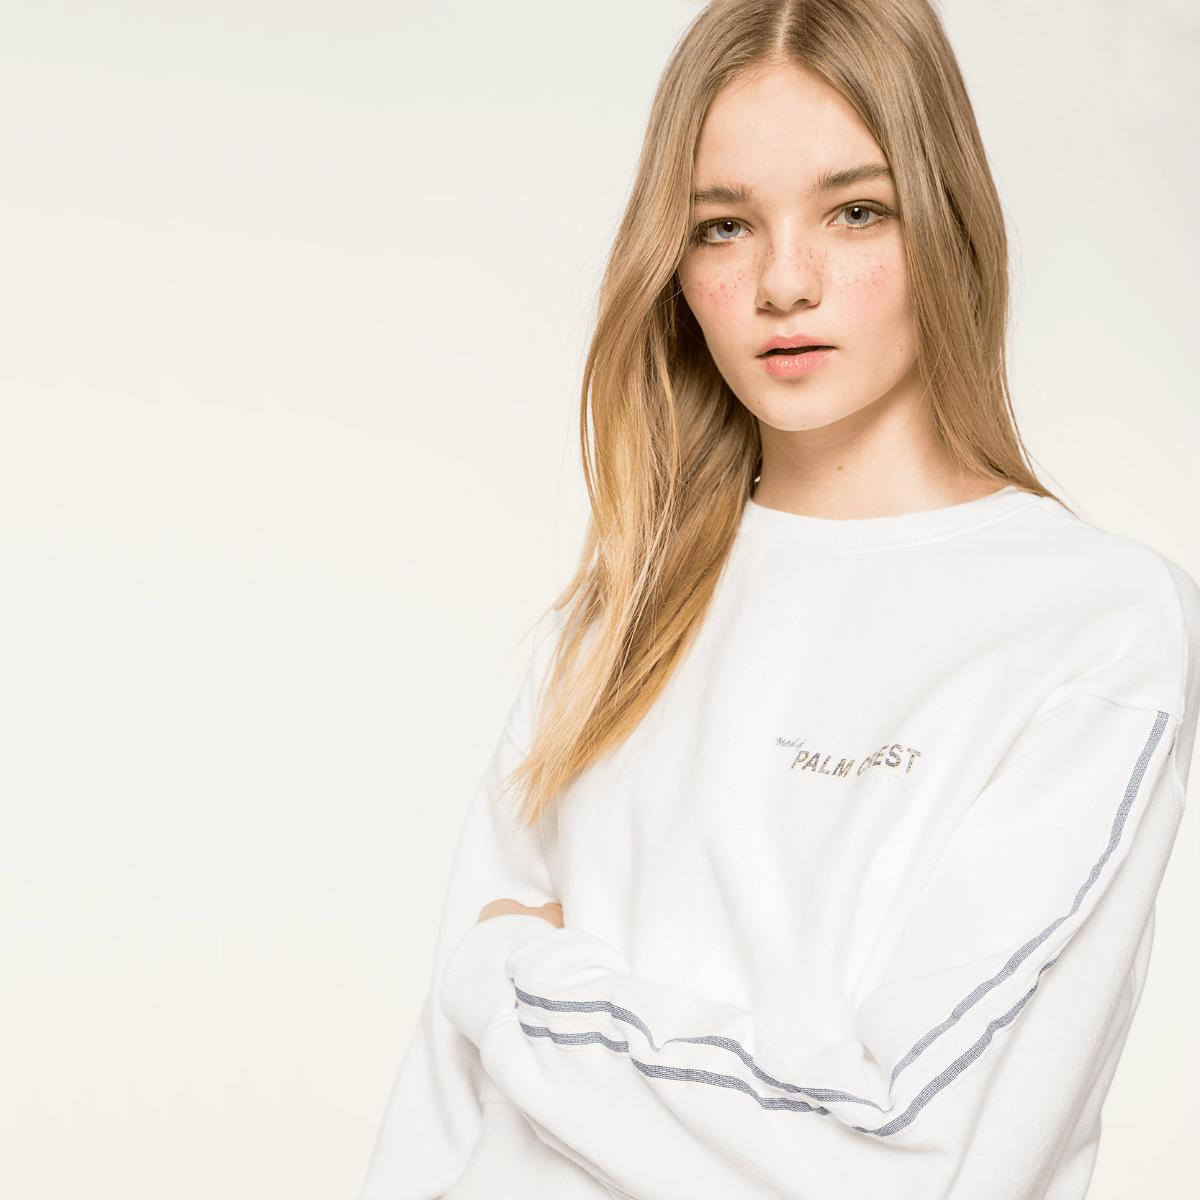 Bílé triko s proužkem na rukávu - S